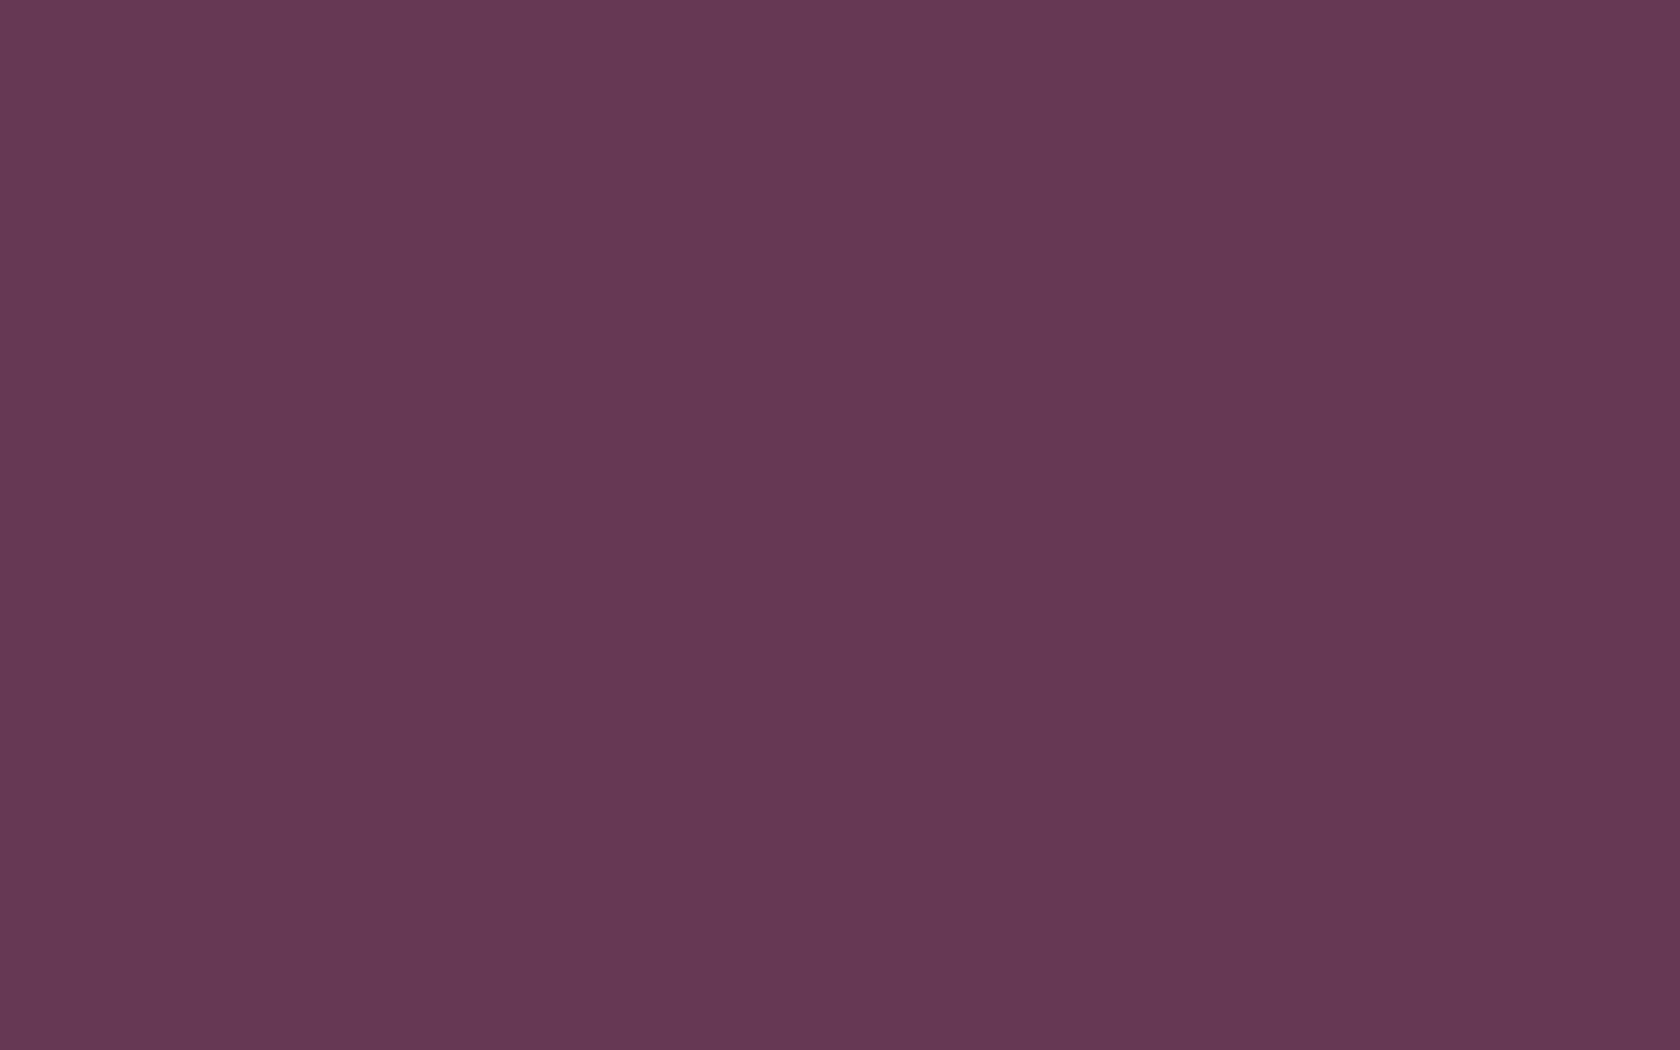 1680x1050 Halaya Ube Solid Color Background